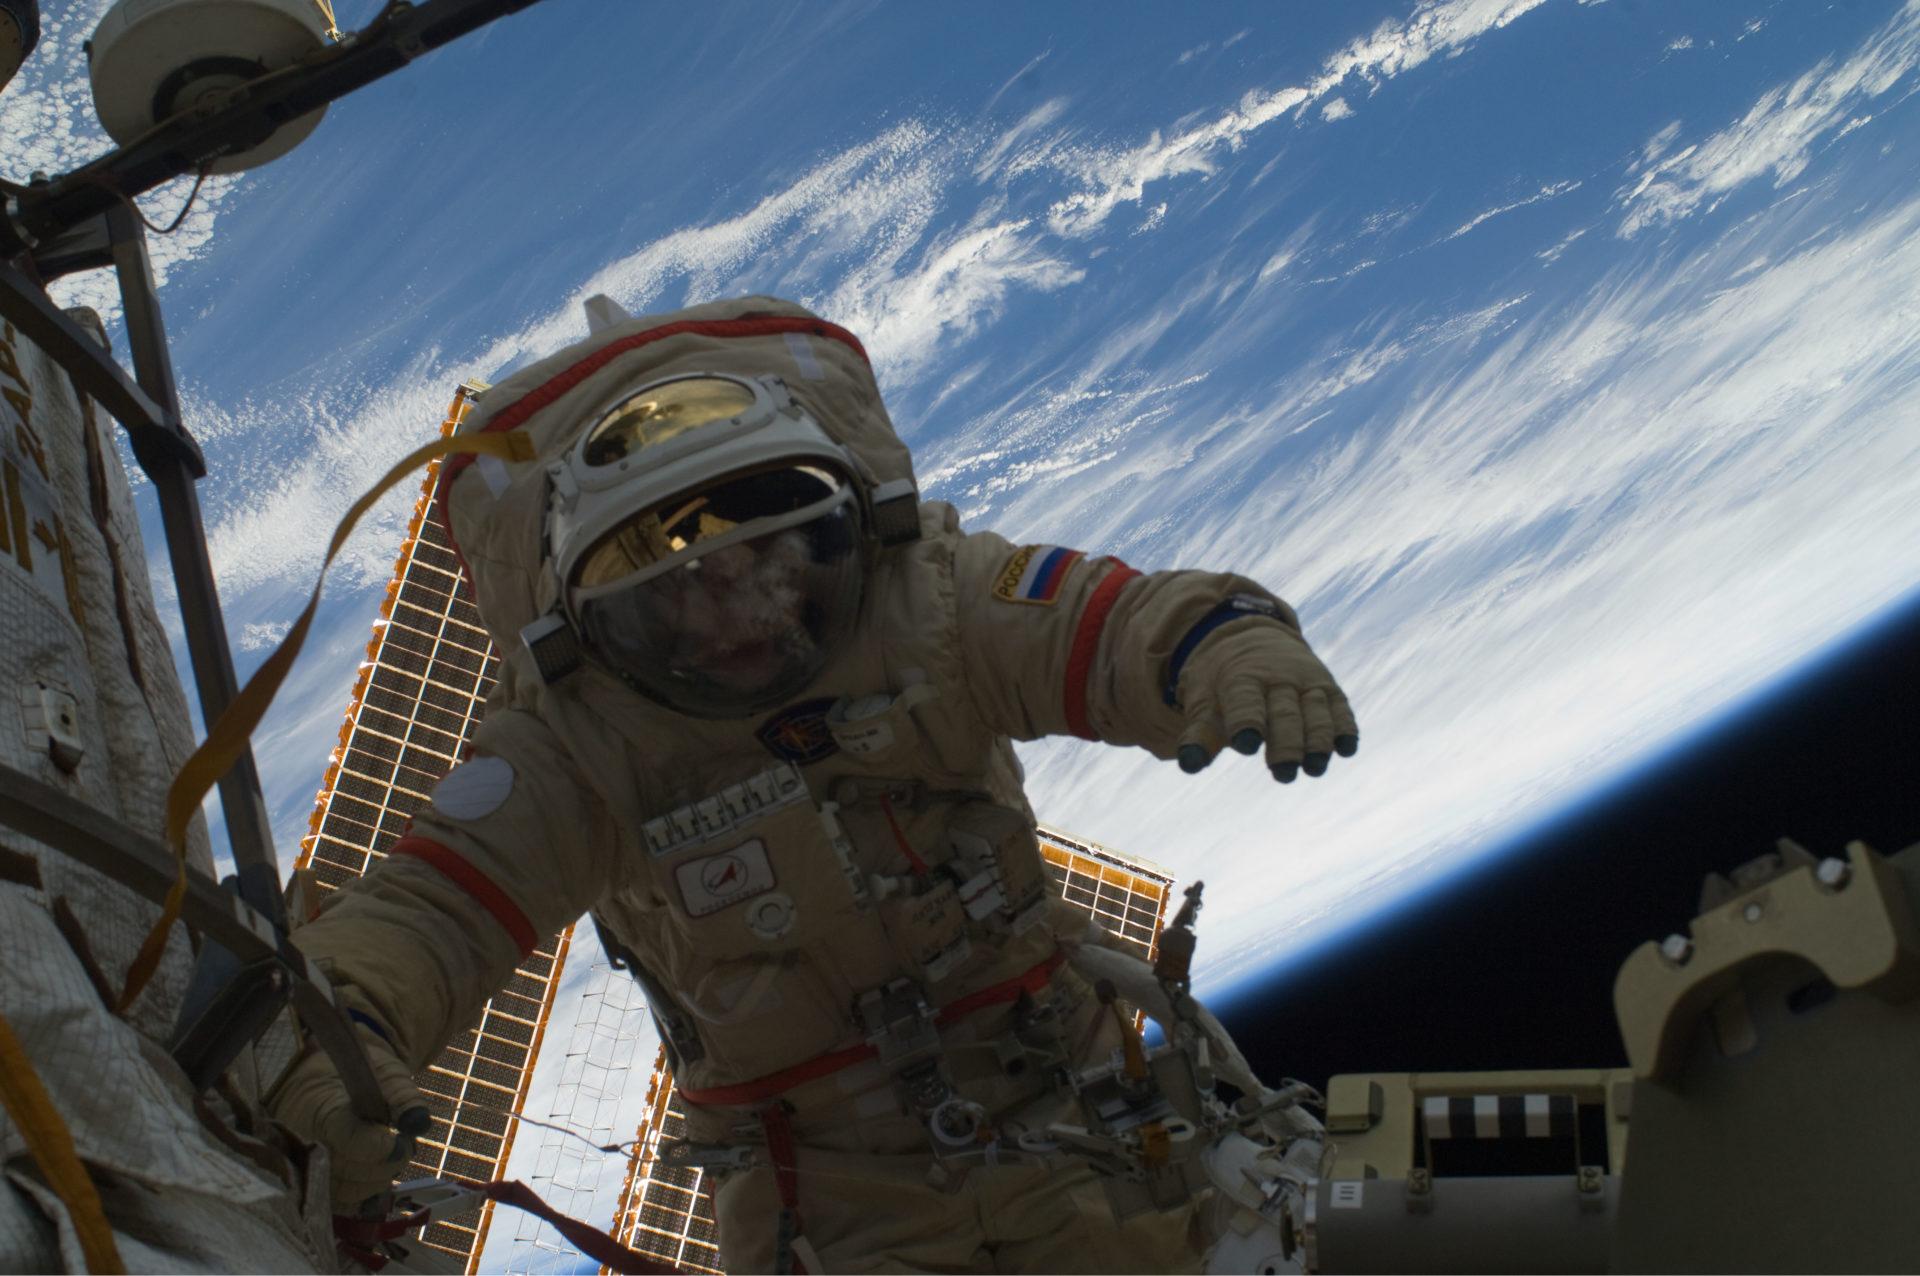 Гибкую кольчугу для космических полетов изобрели в Калифорнии